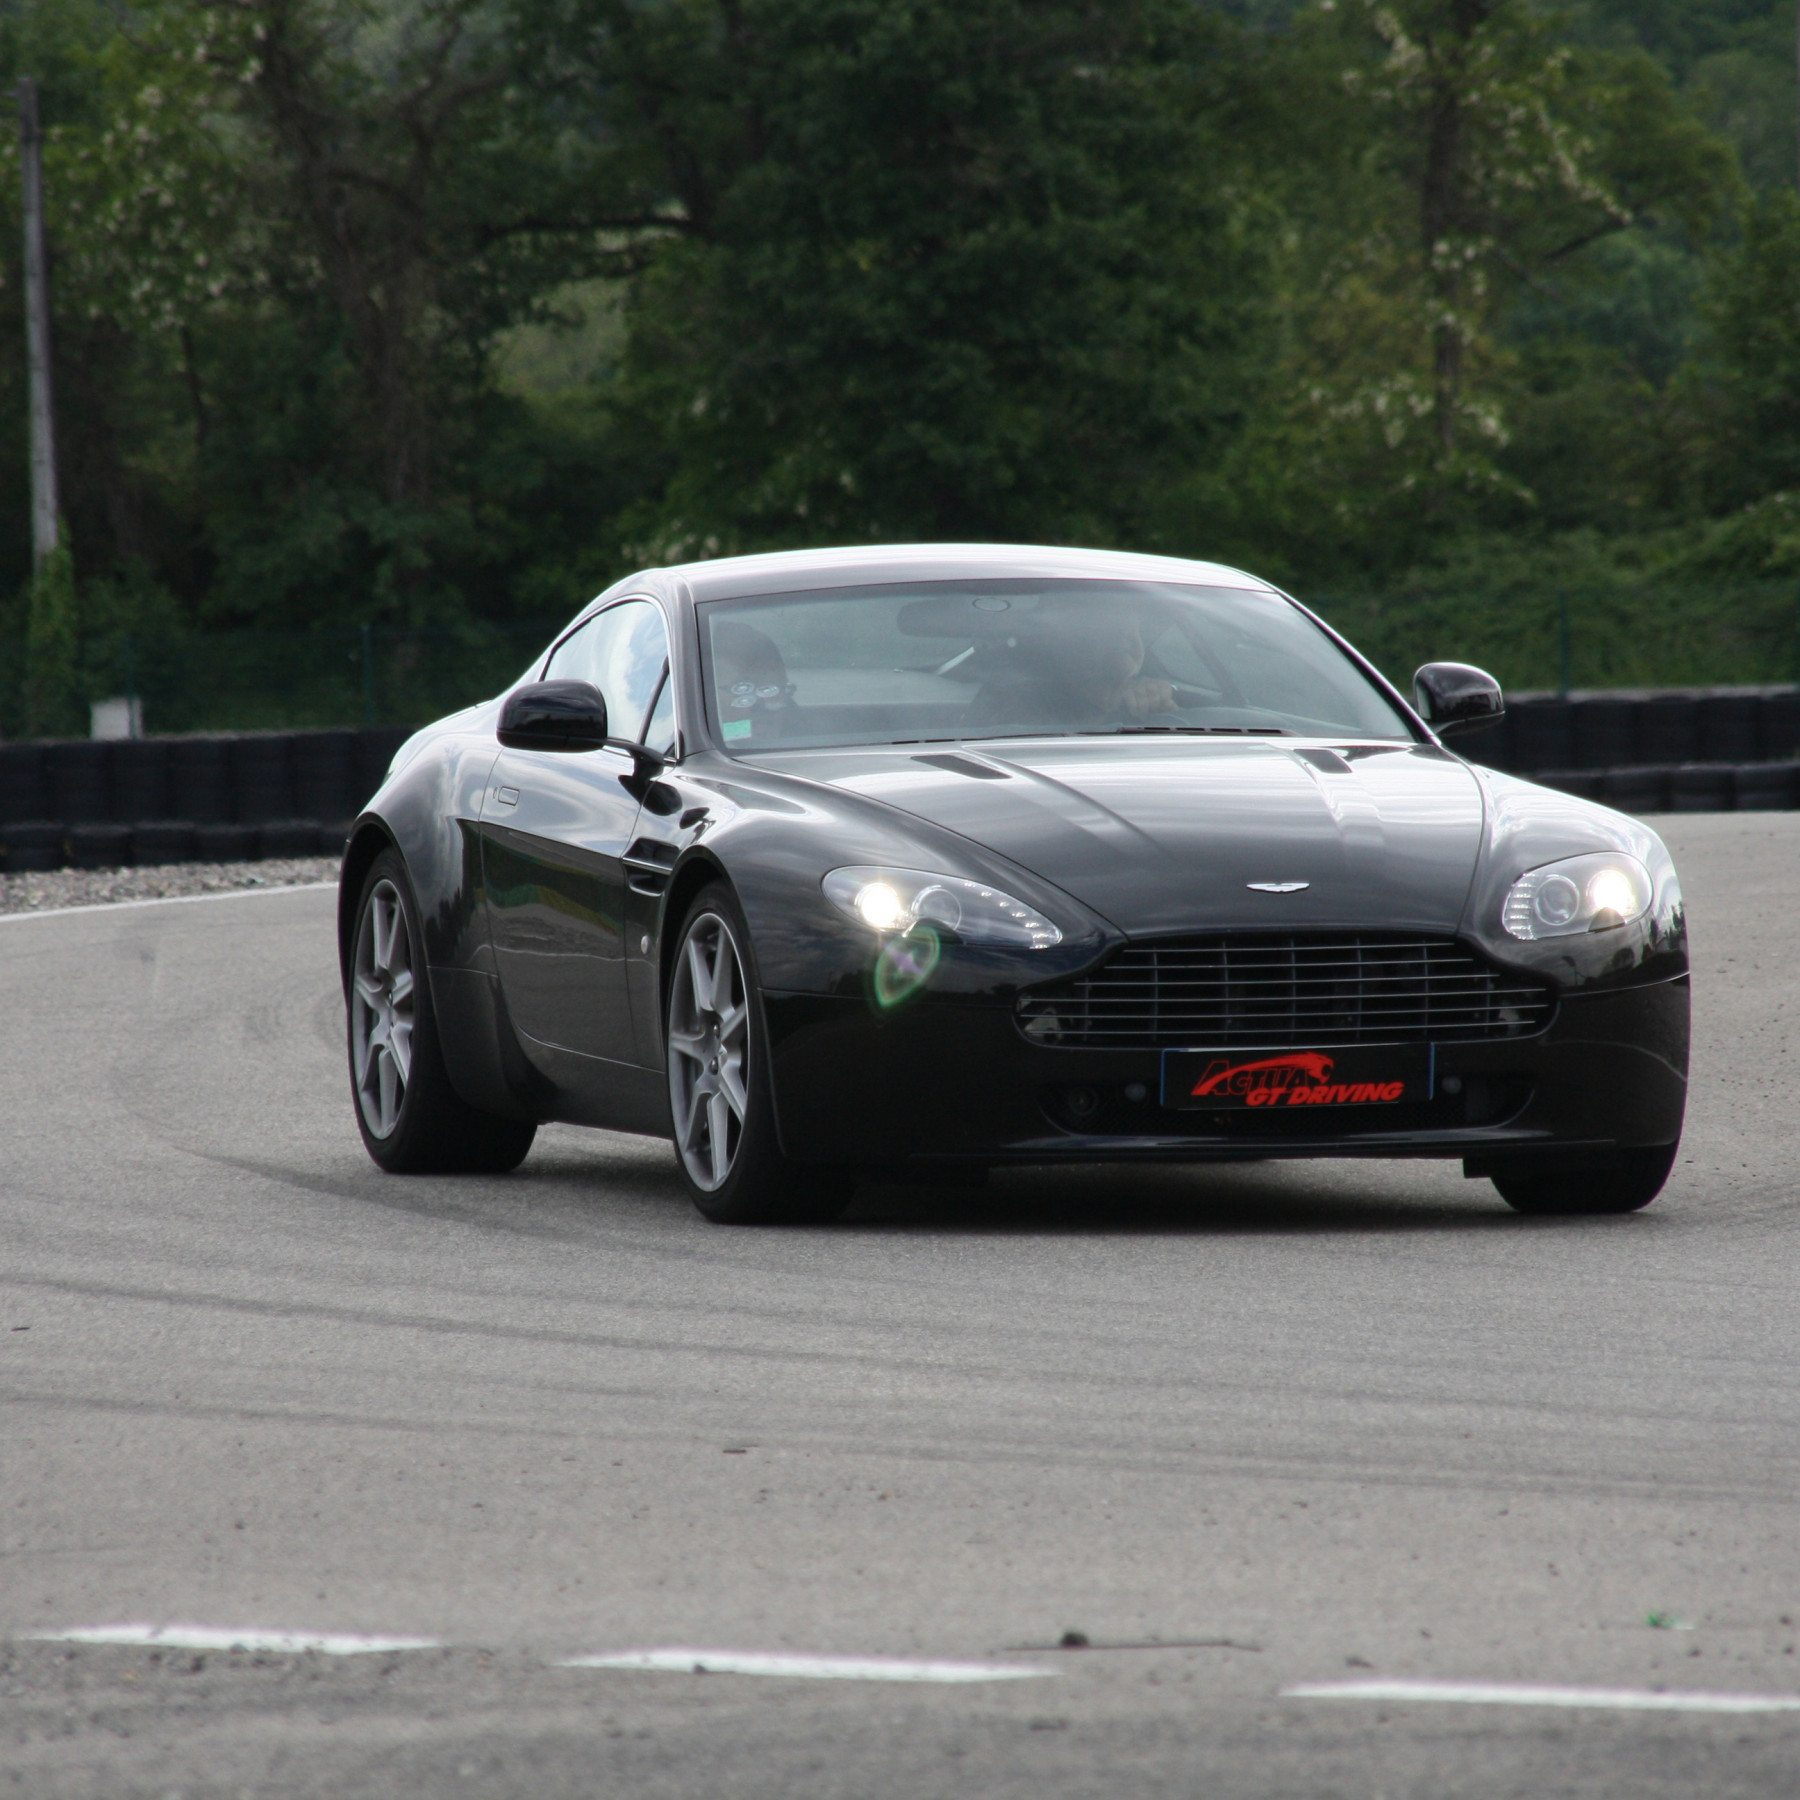 Guida una Aston Martin da 99 € - Lombardore (TO)